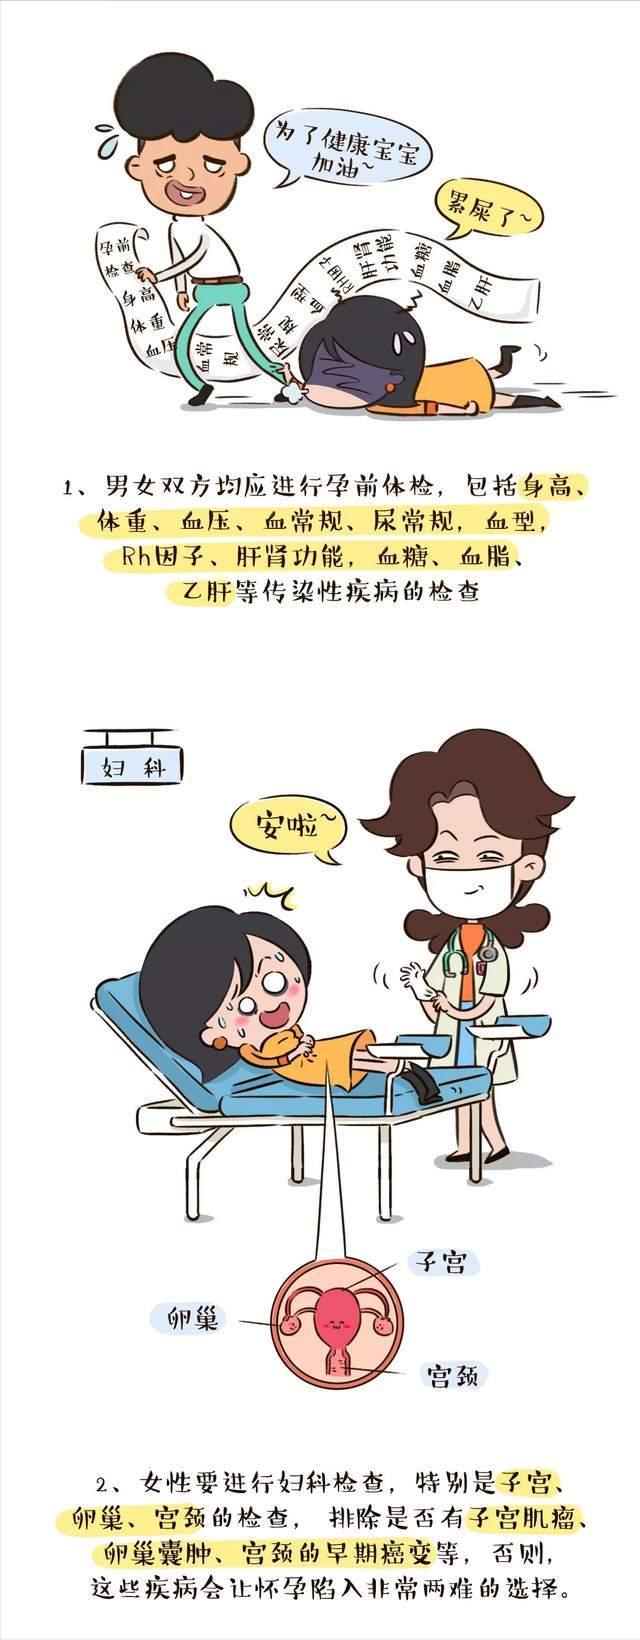 一张图就读懂:孕前检查项目主要有哪些?